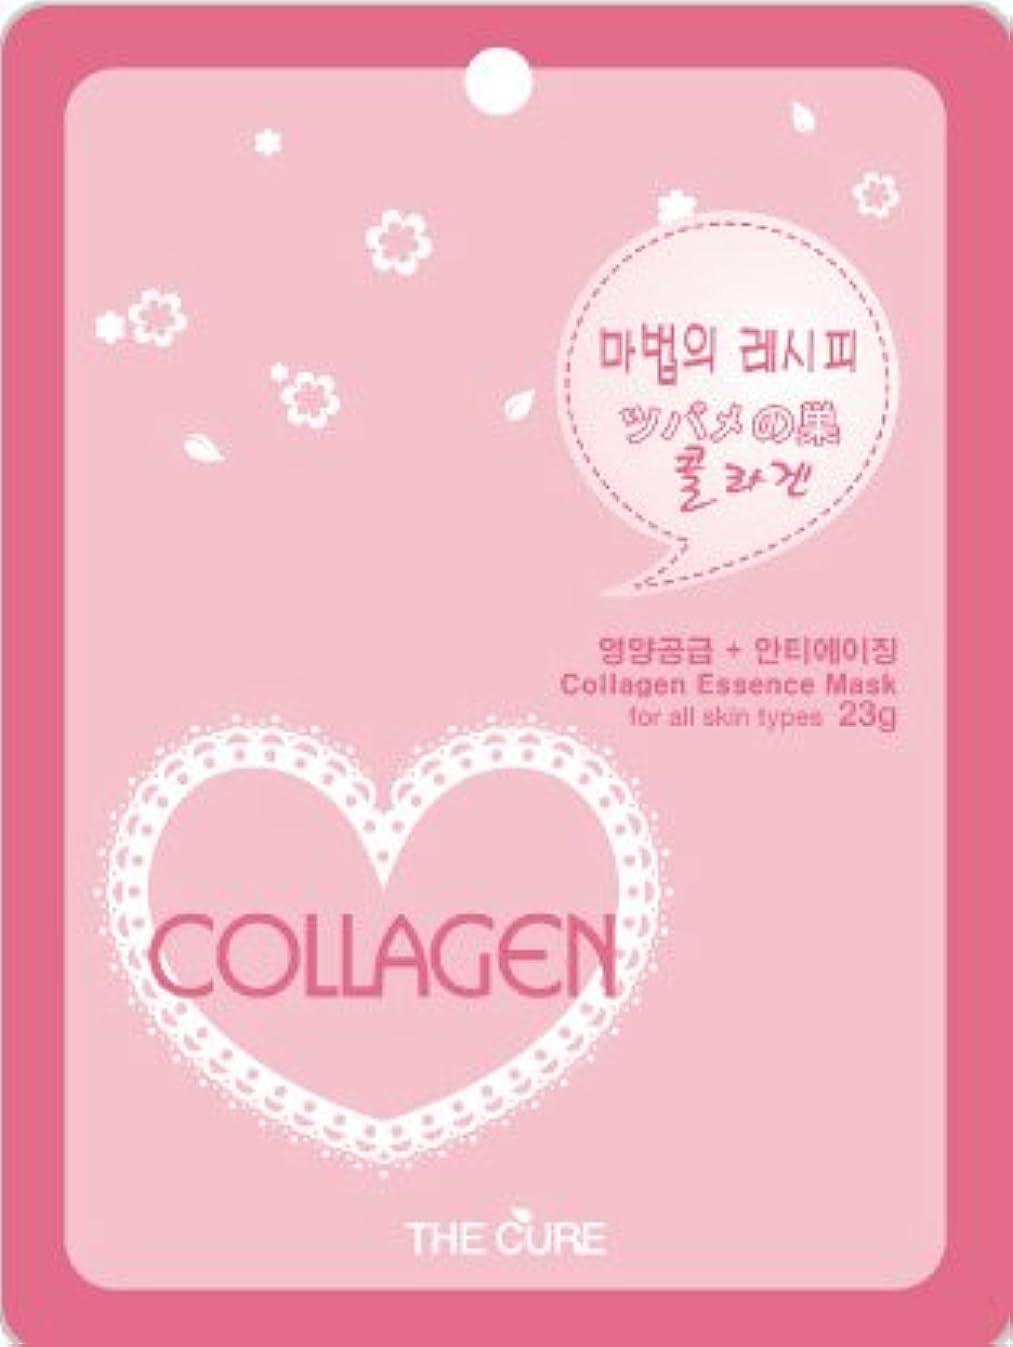 失効自伝権限コラーゲン エッセンス マスク THE CURE シート パック 10枚セット 韓国 コスメ 乾燥肌 オイリー肌 混合肌